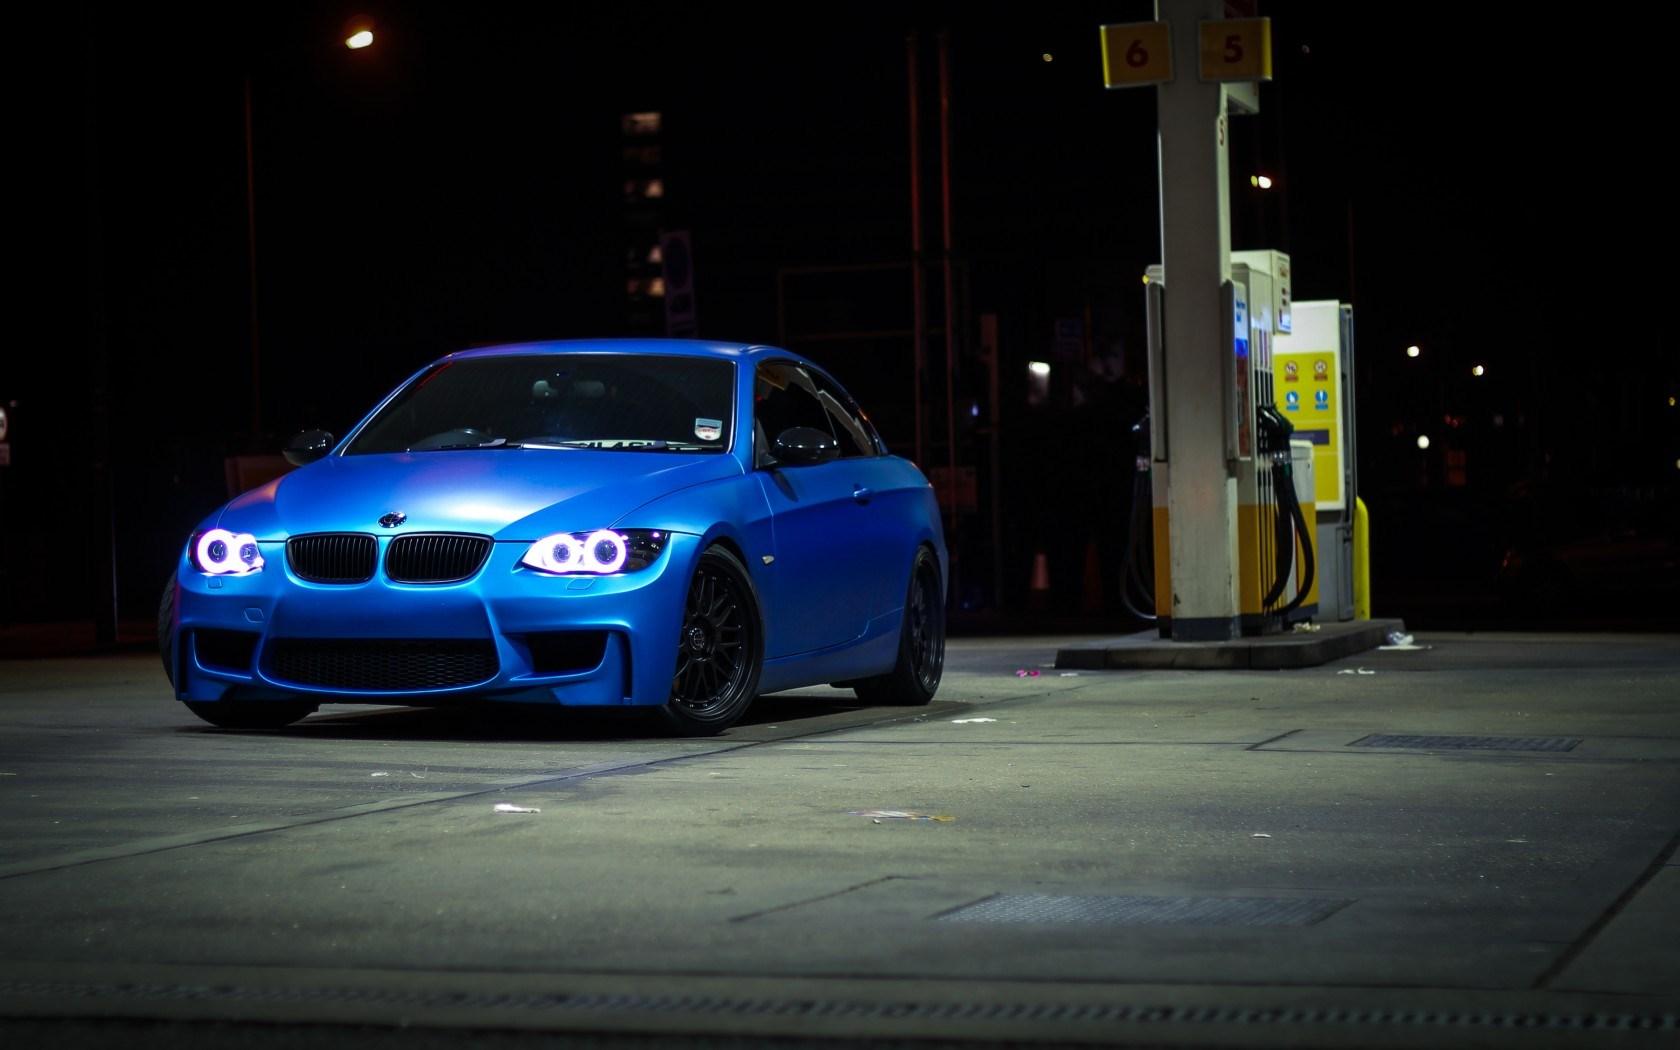 BMW 335i E92 Blue Car